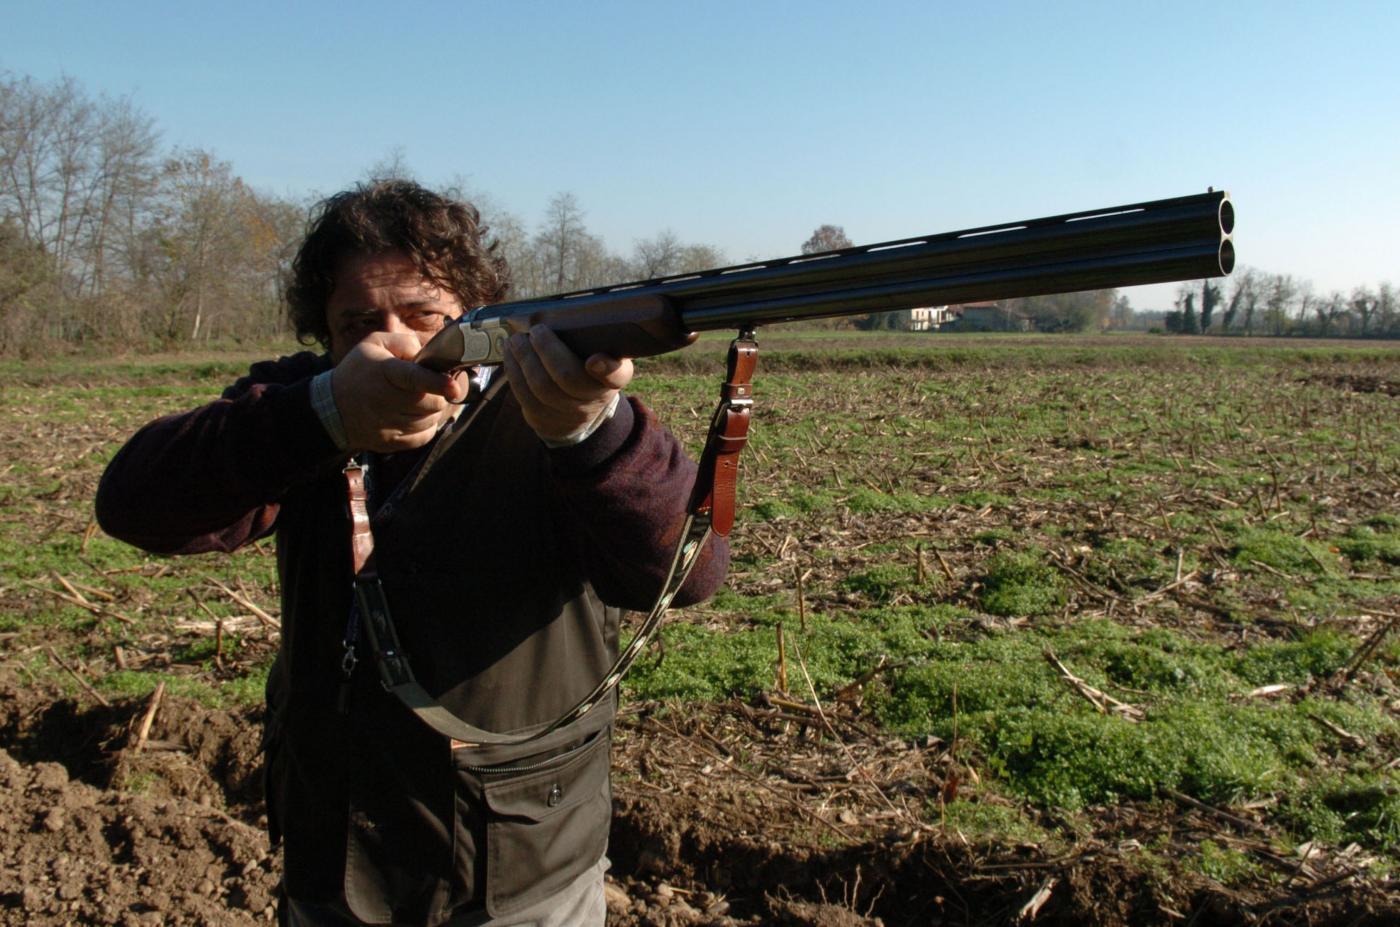 Salta la preapertrura della caccia in Molise